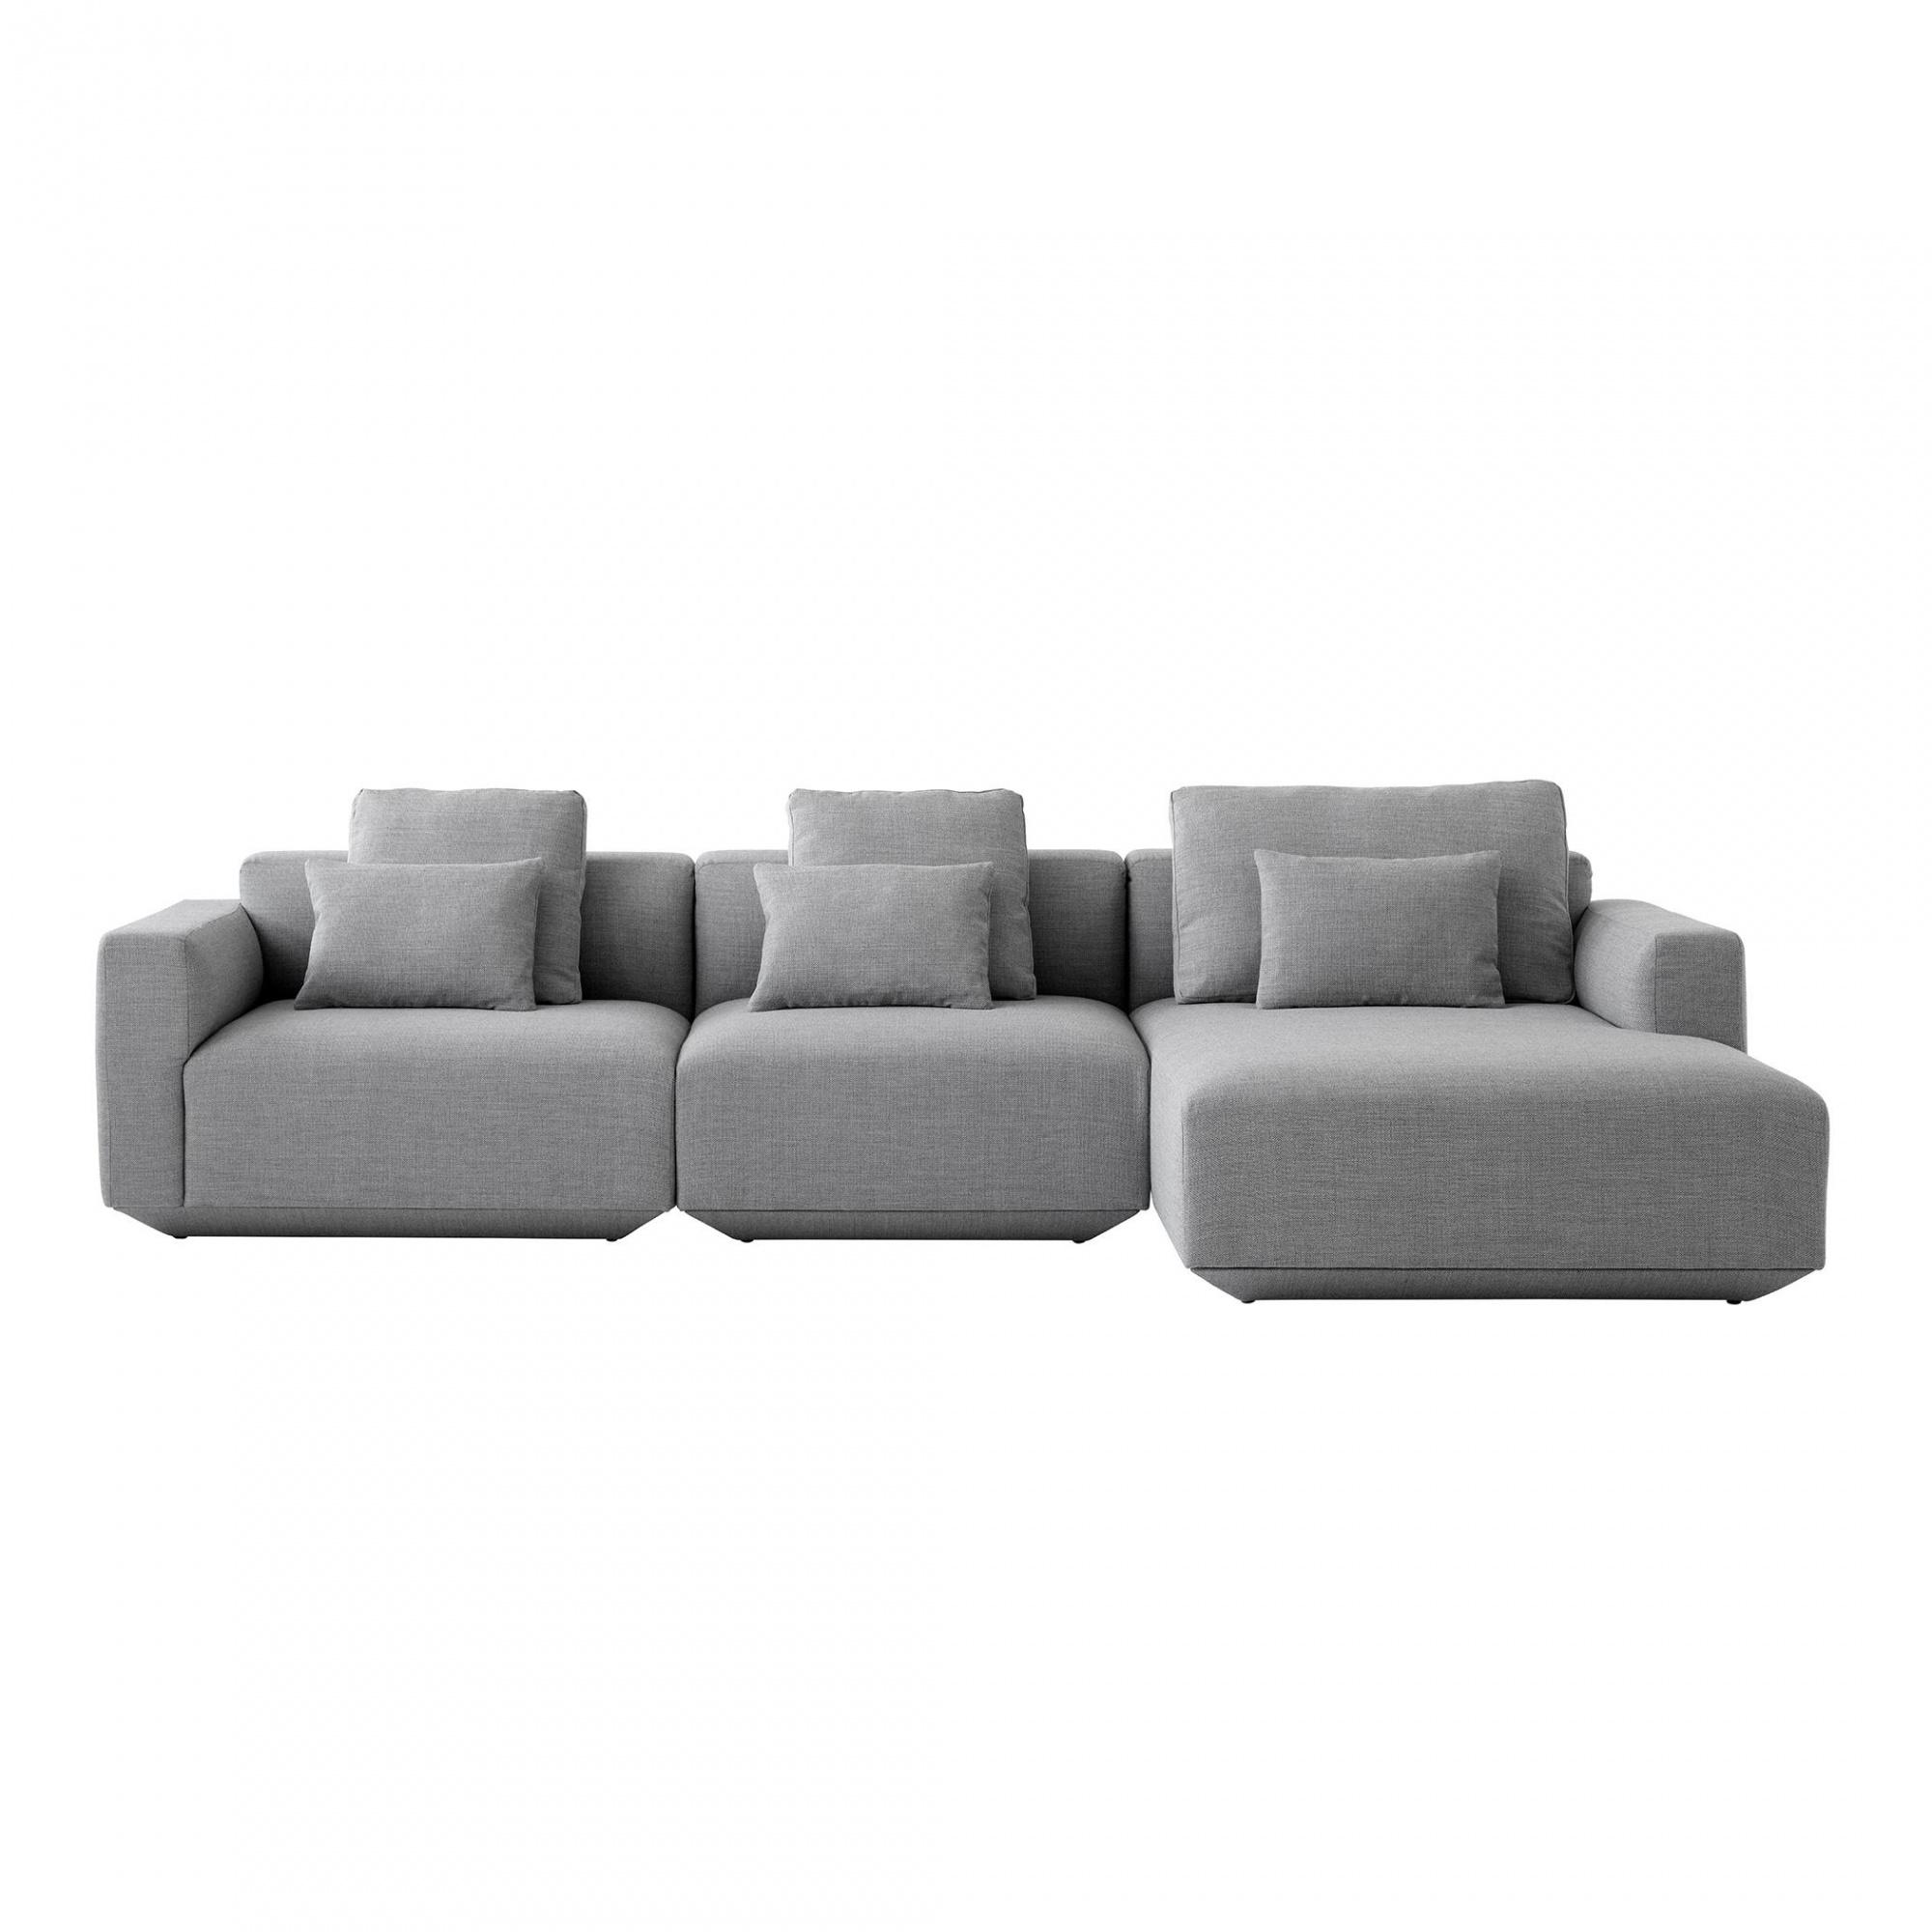 AndTradition - Canapé de 3 places Develius méridienne droit - gris/tissu Fiord 151/incl. coussins 2x 50x50cm/ 1x 80x50cm/1x 50x35cm